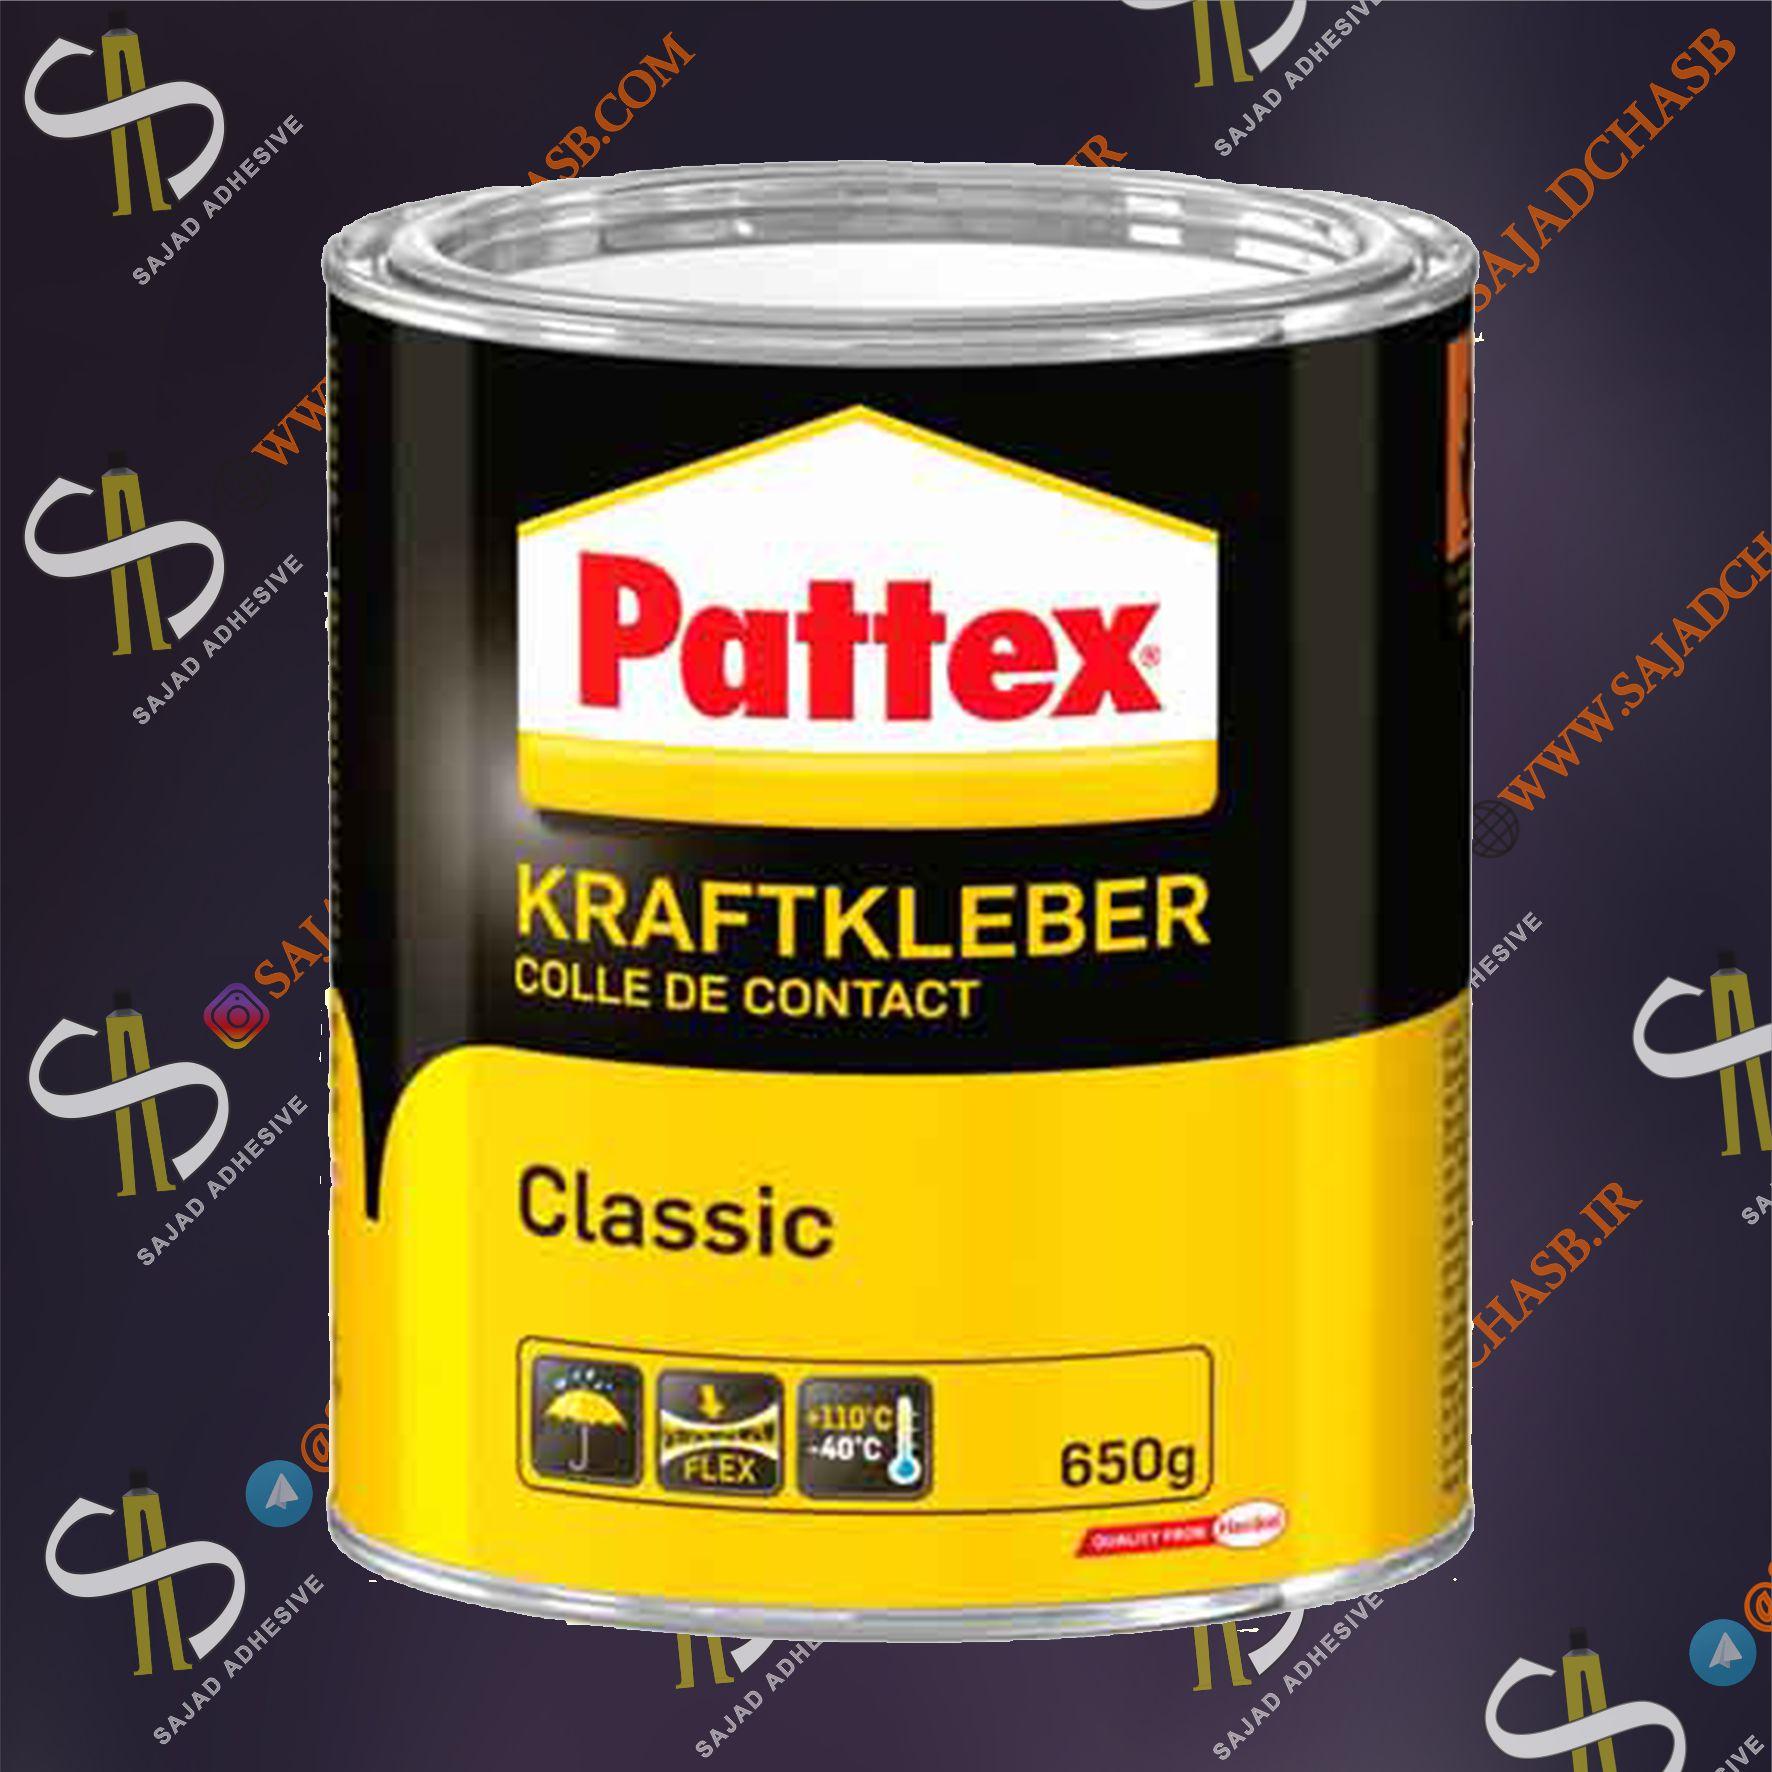 چسب پاتکس PATTEX